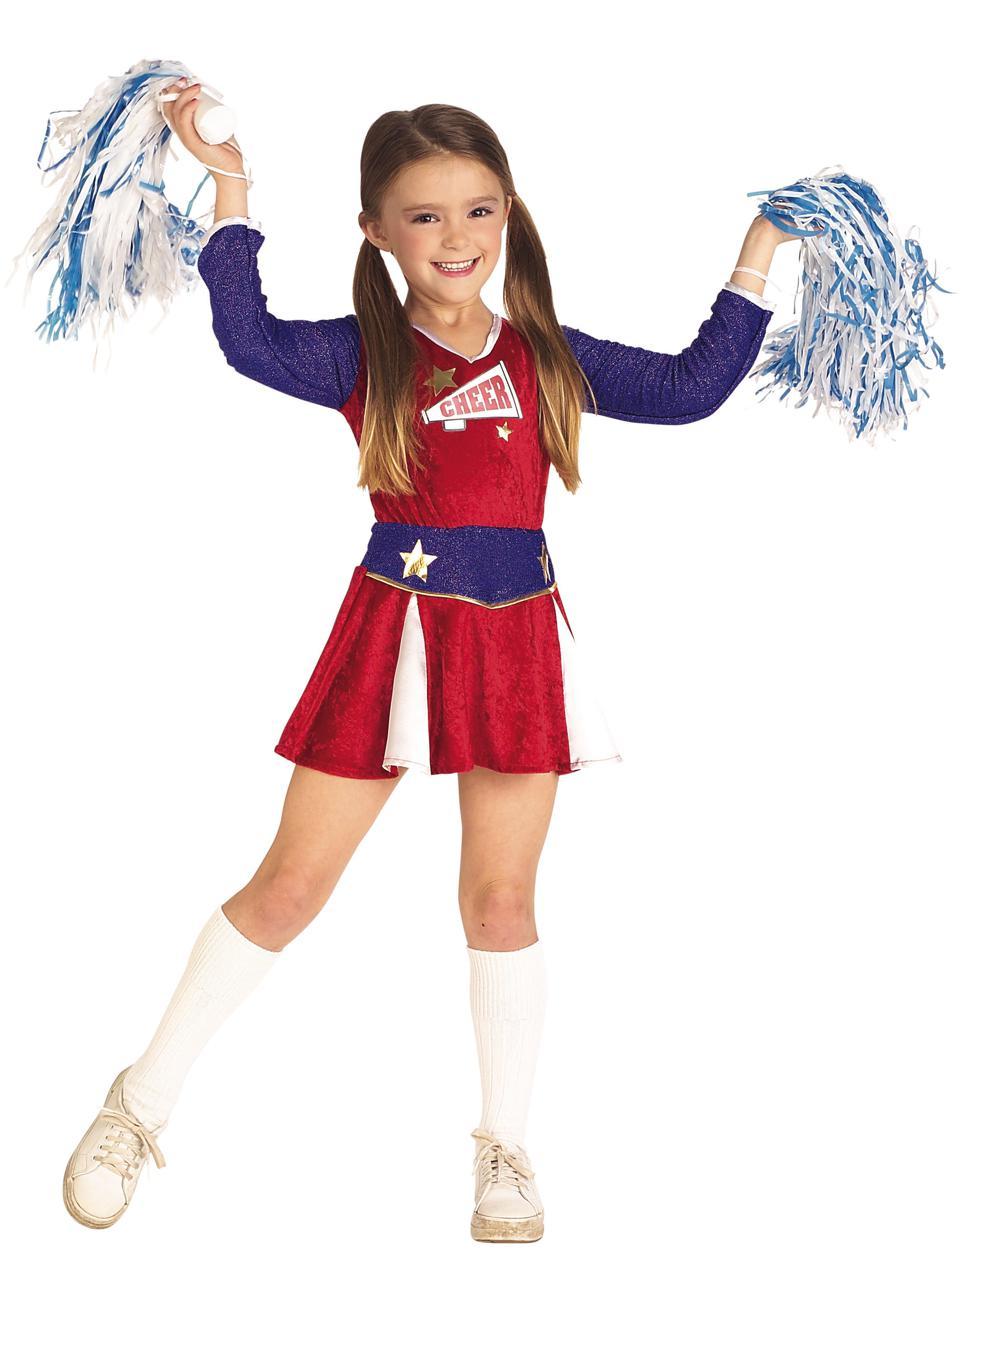 Costume enfant Cheerleader large